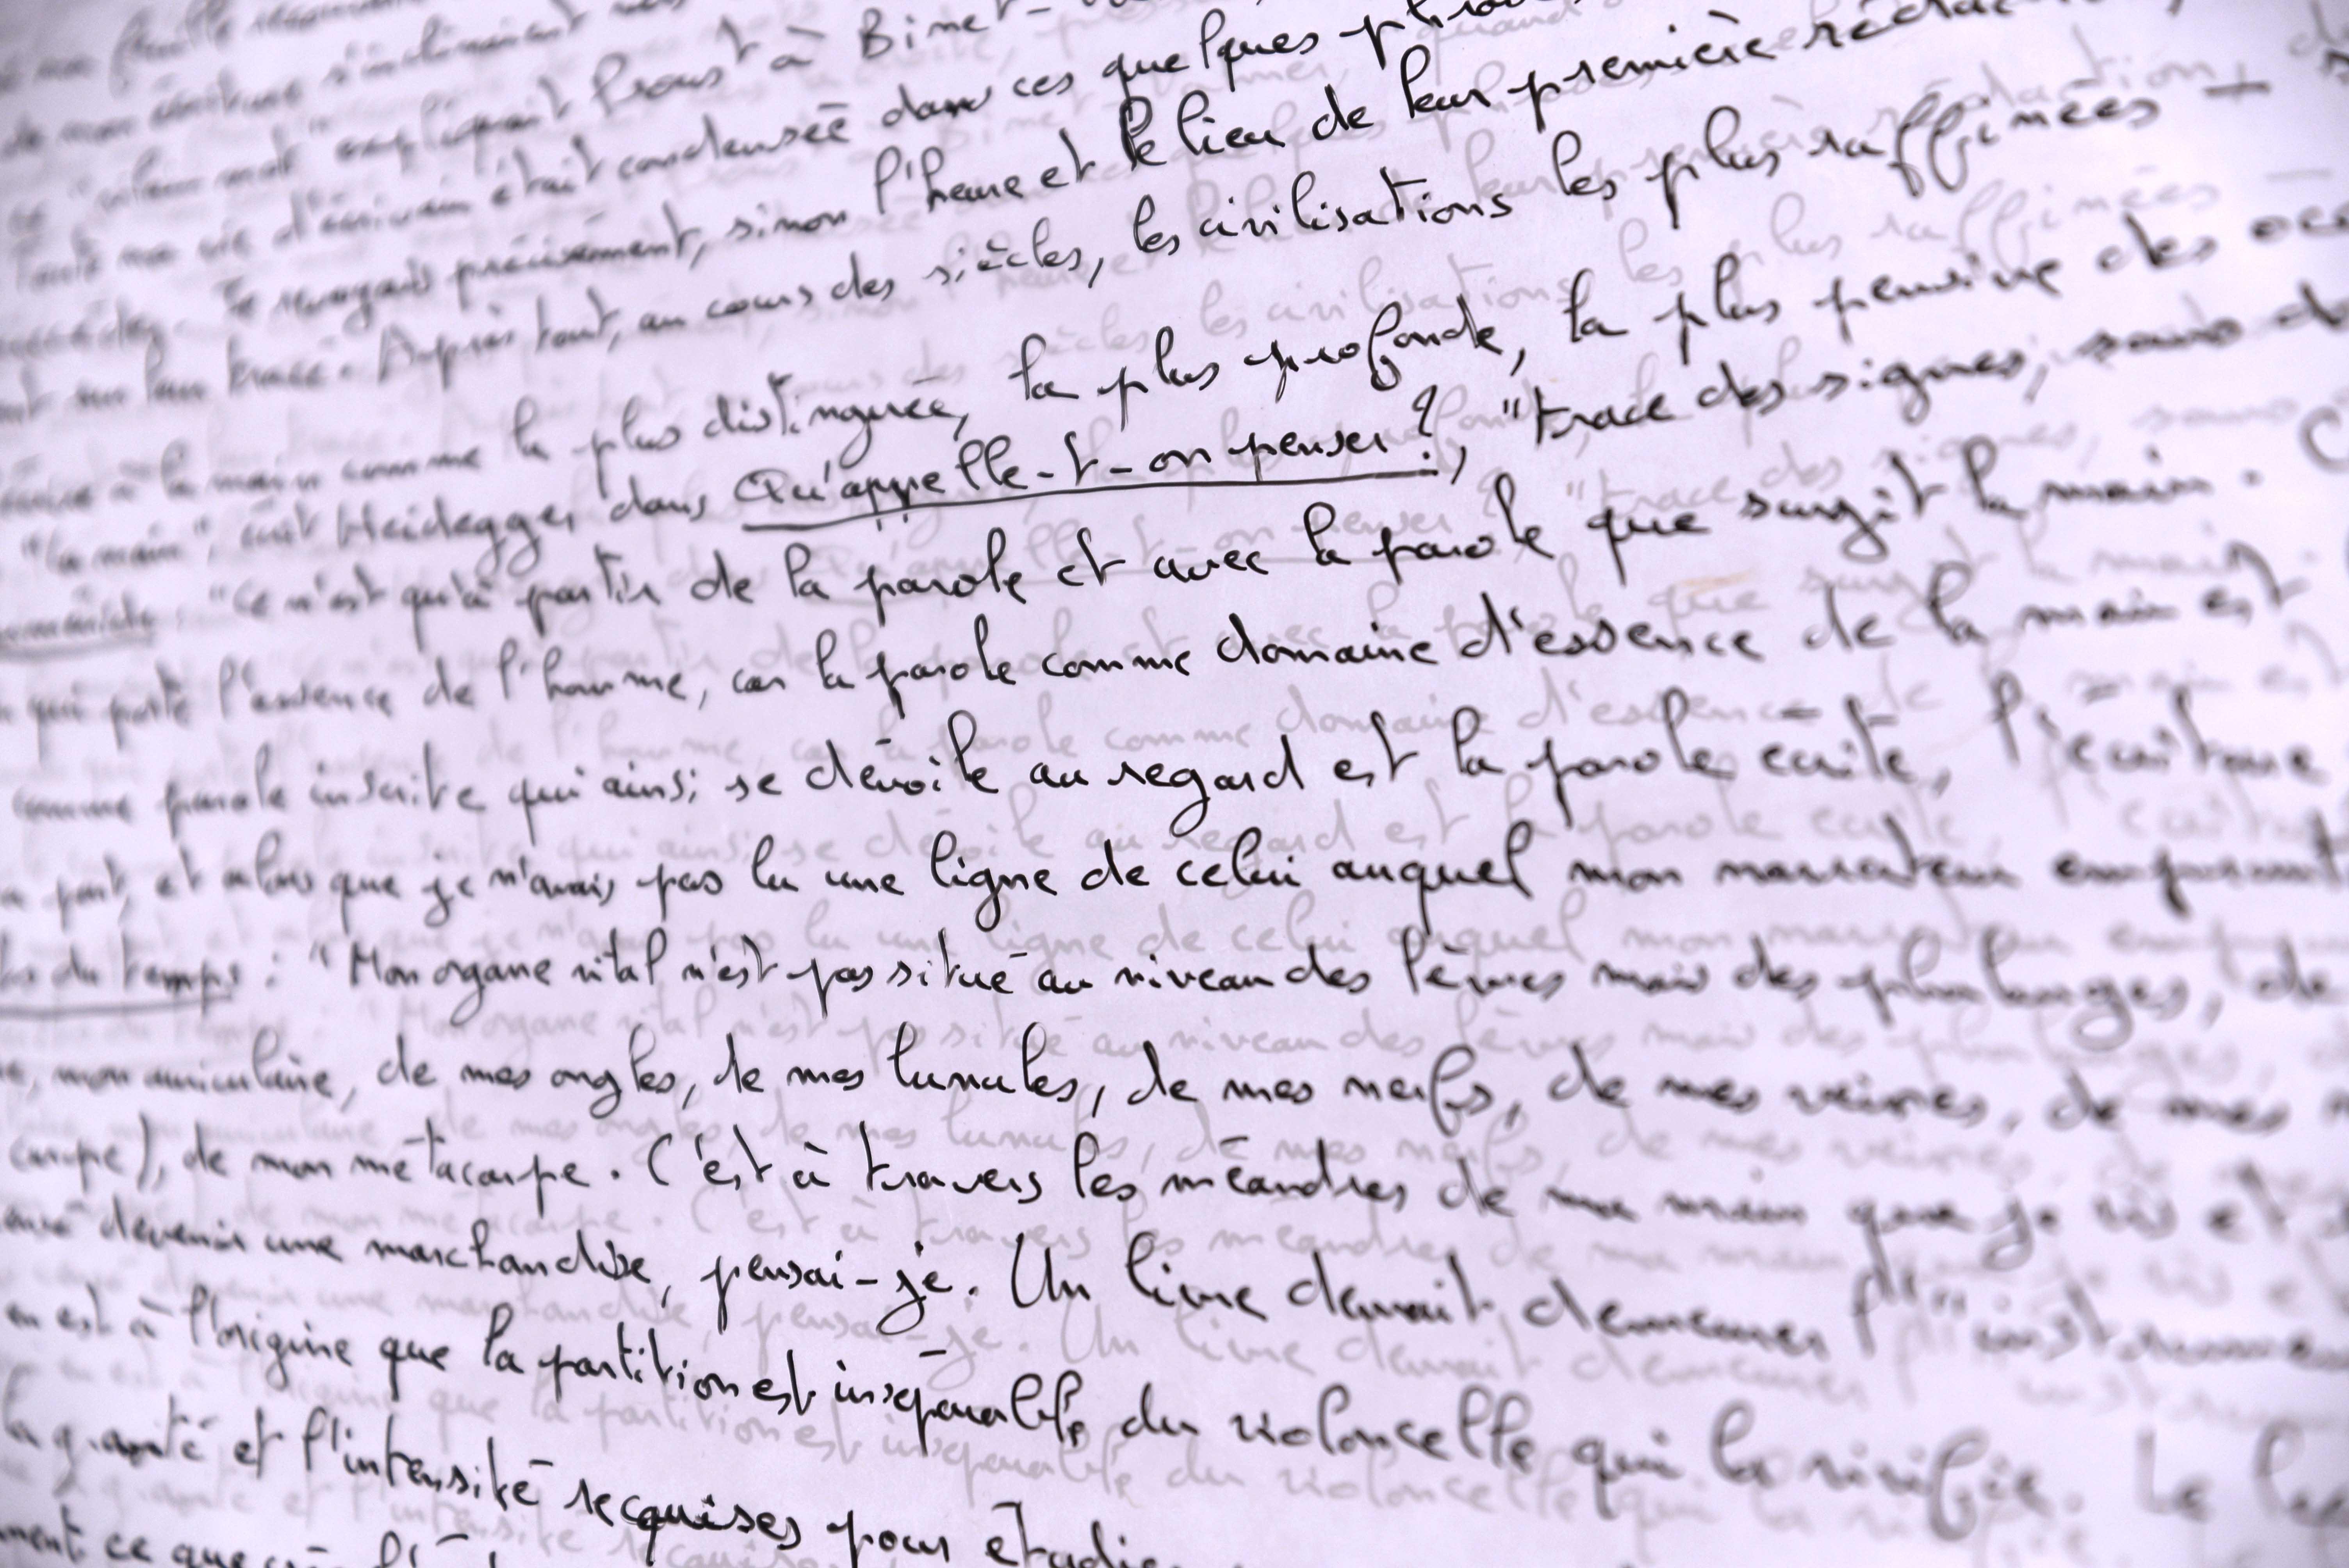 Stéphane Zagdanski RARE, page 99, 2016, À l'heure du dessin, 6ème temps, Tracé - 2 - Château de Servières - © Aurélien Meimaris (22)